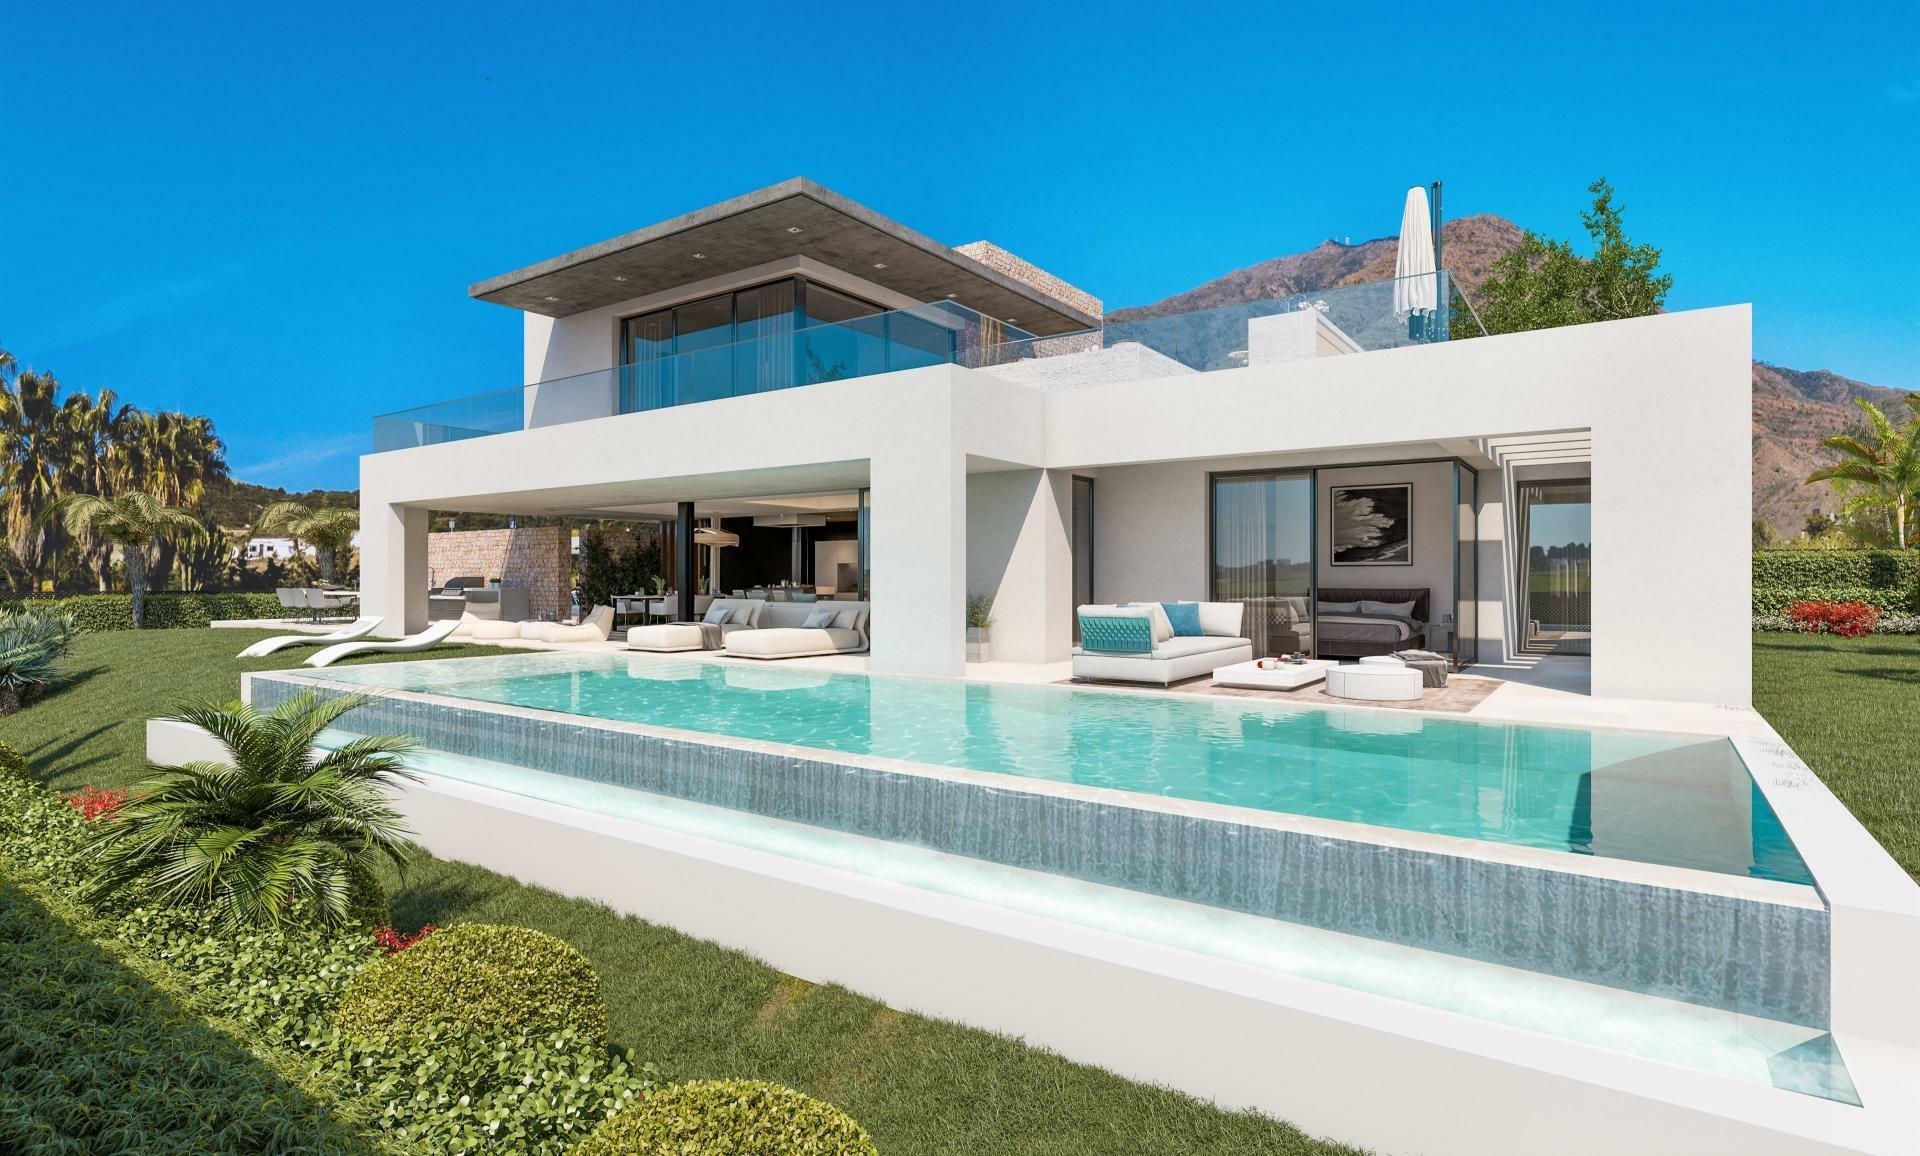 Villa in Estepona, Andalusia, Spain 1 - 11027883